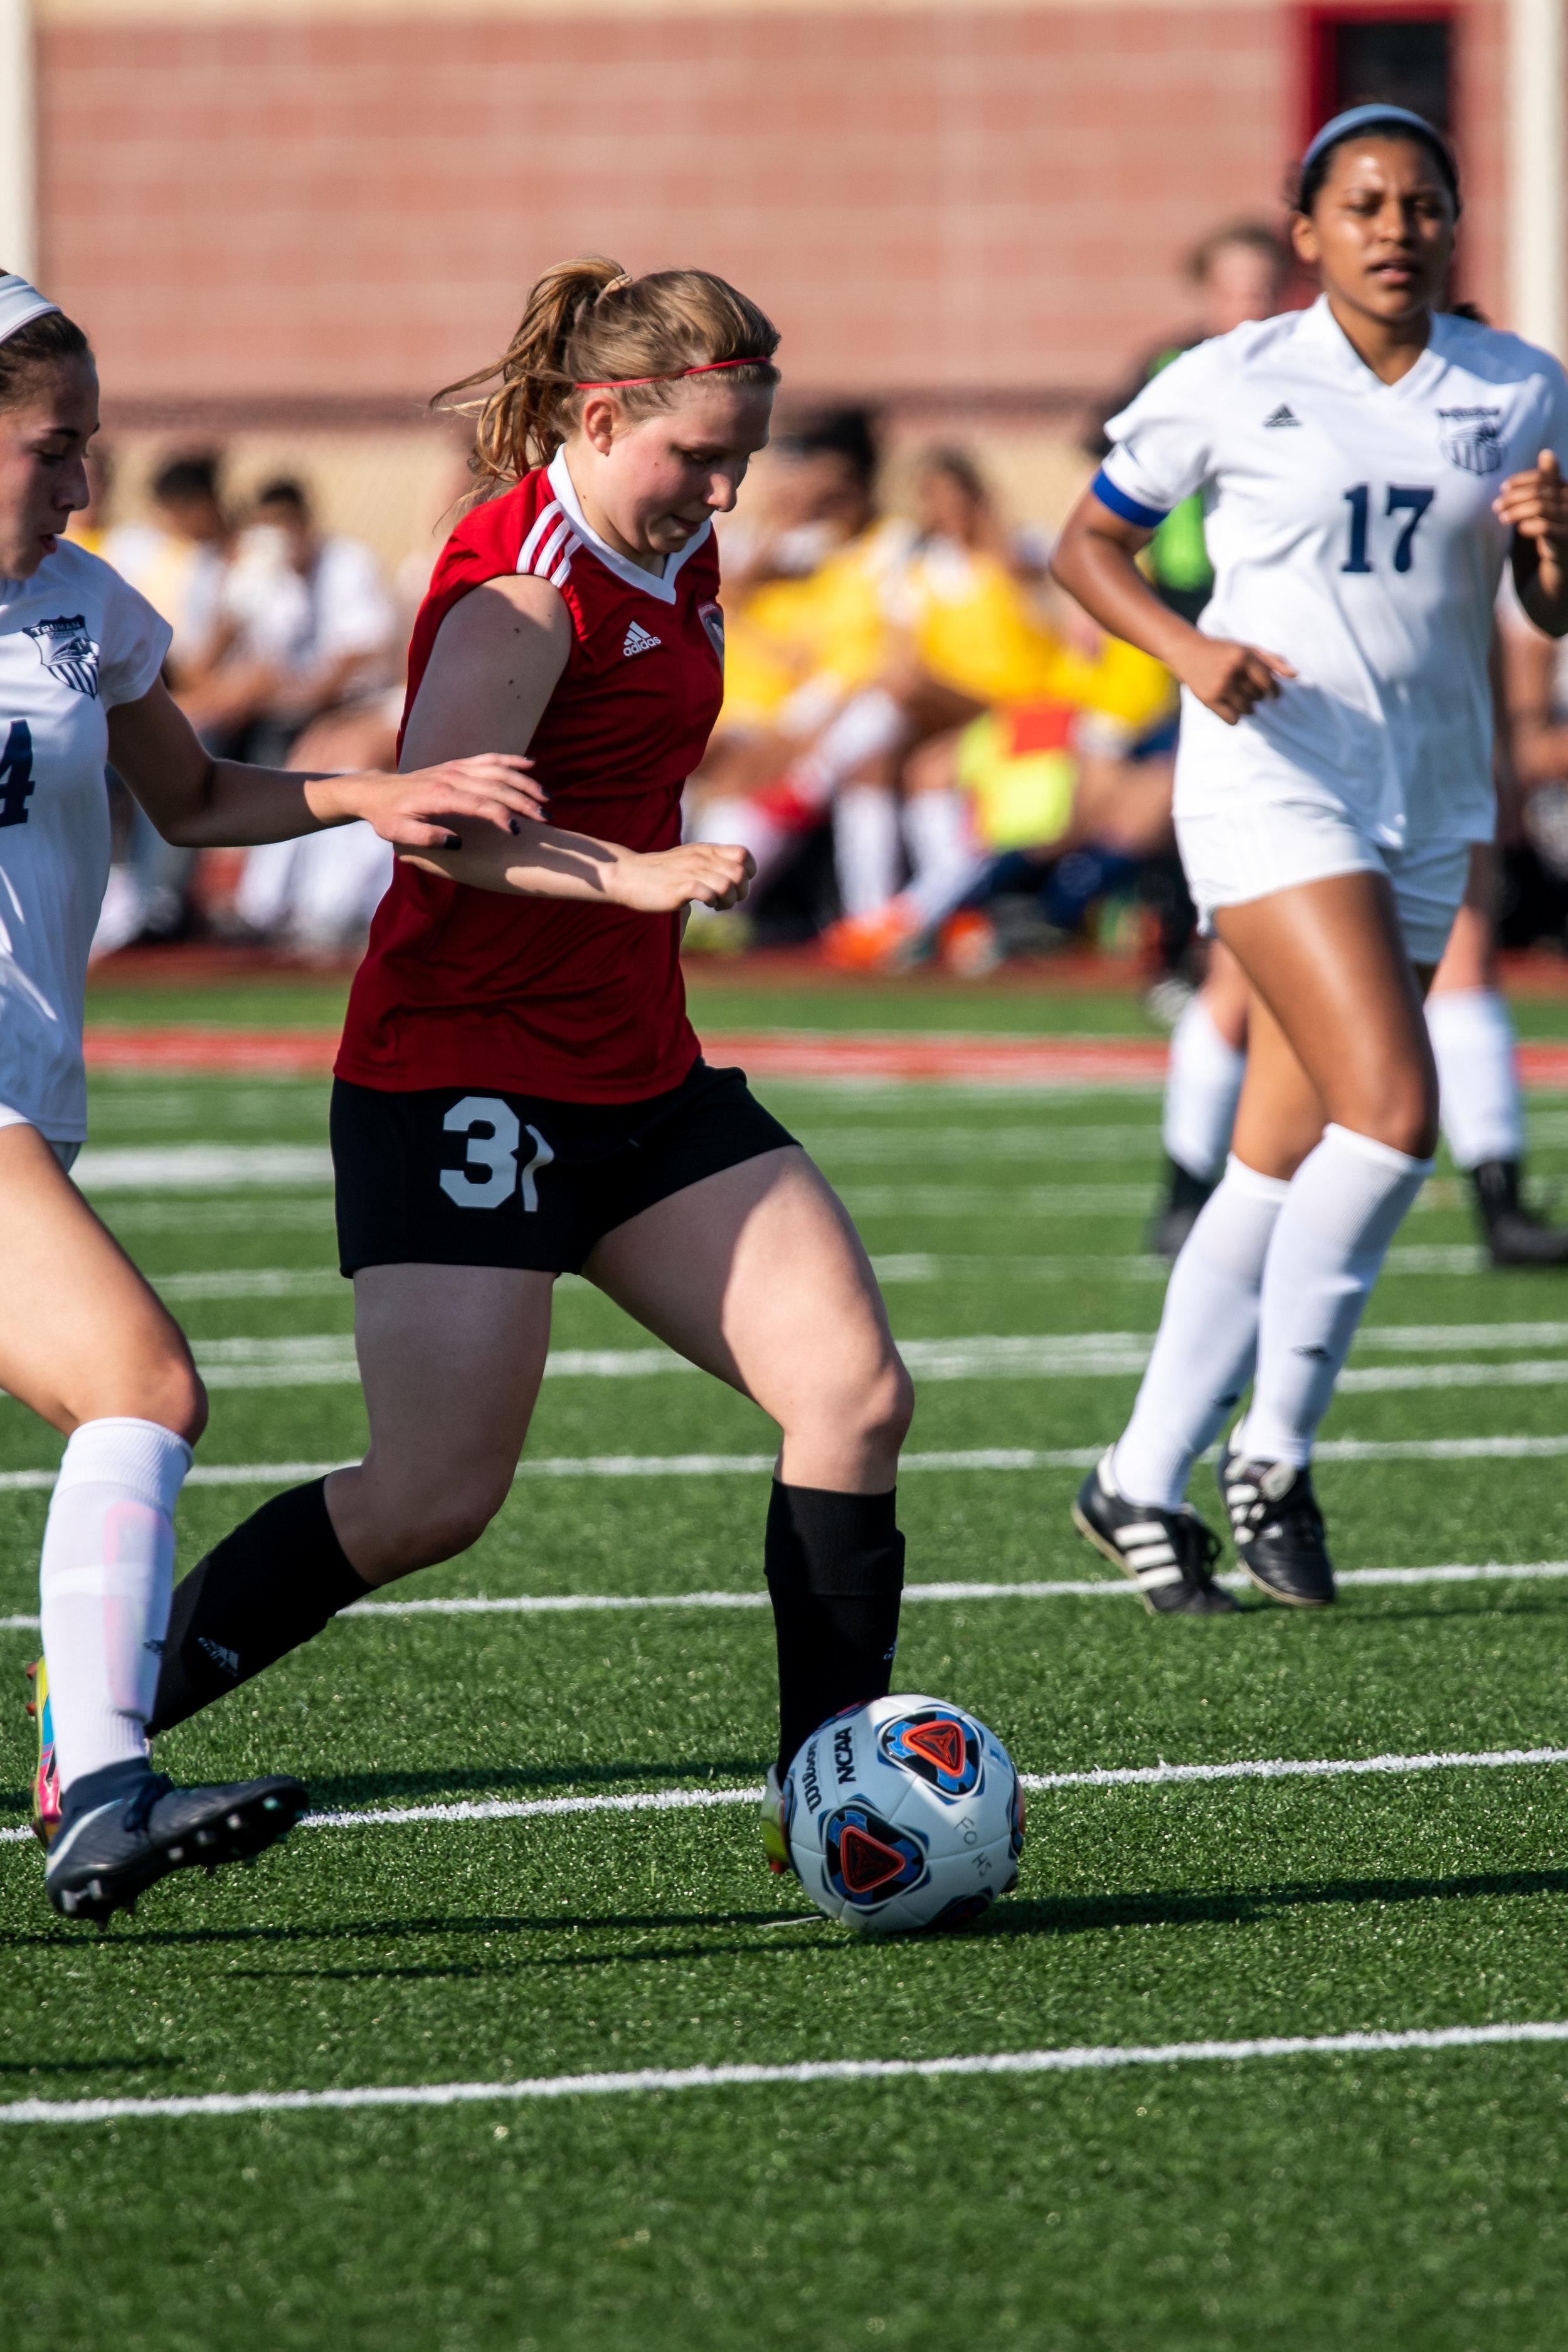 fort-osage-girls-soccer-vs-truman_32910771457_o.jpg